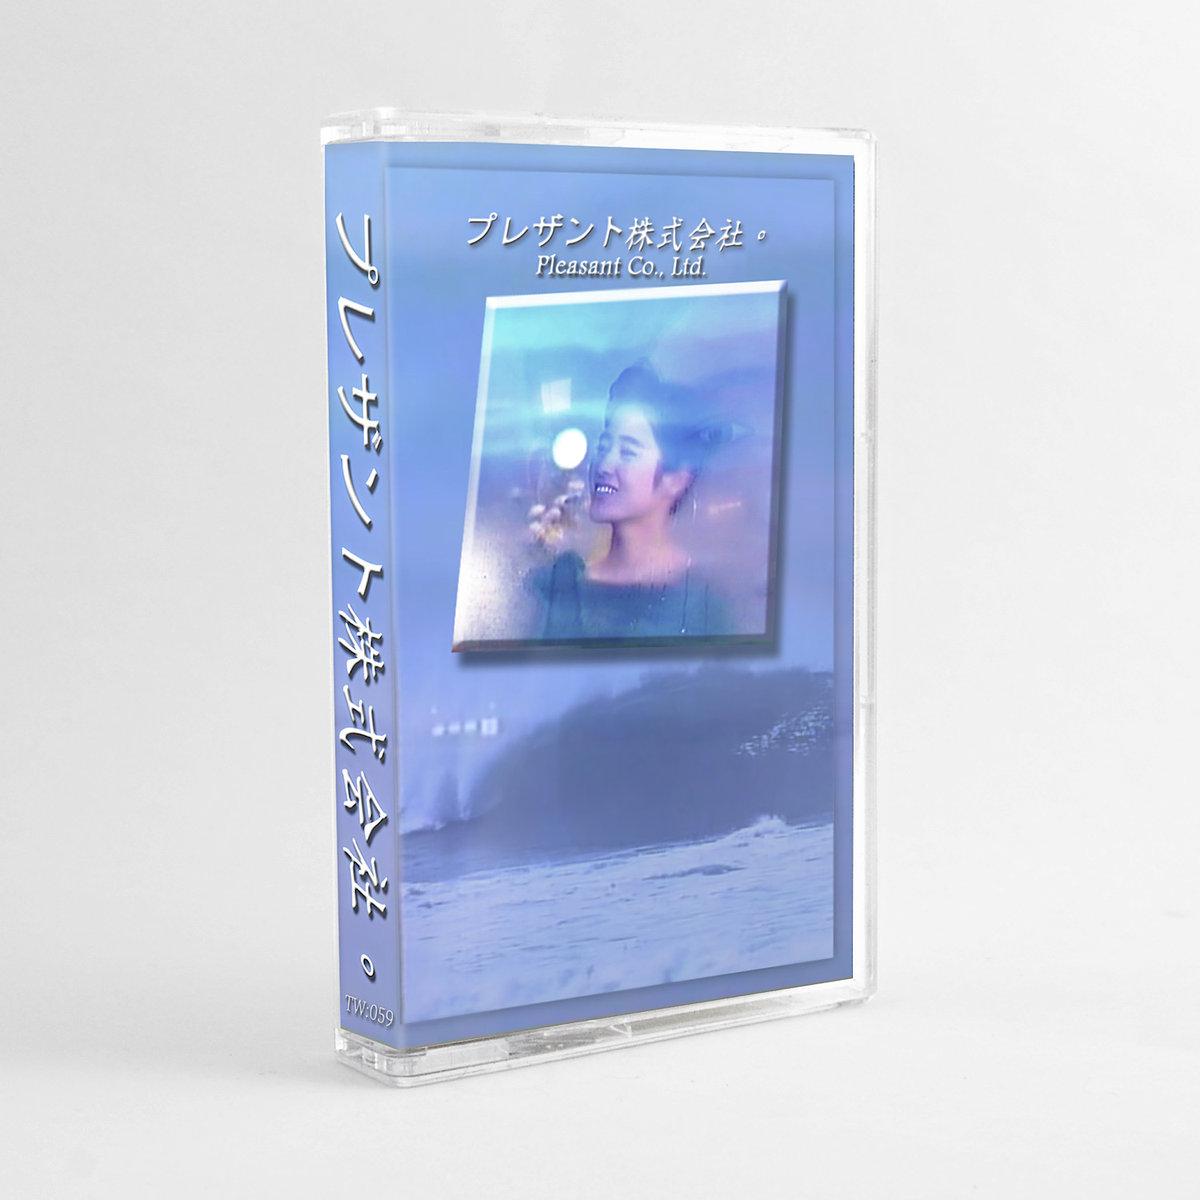 プレザント株式会社。 by m a t u s a (Cassette) 2